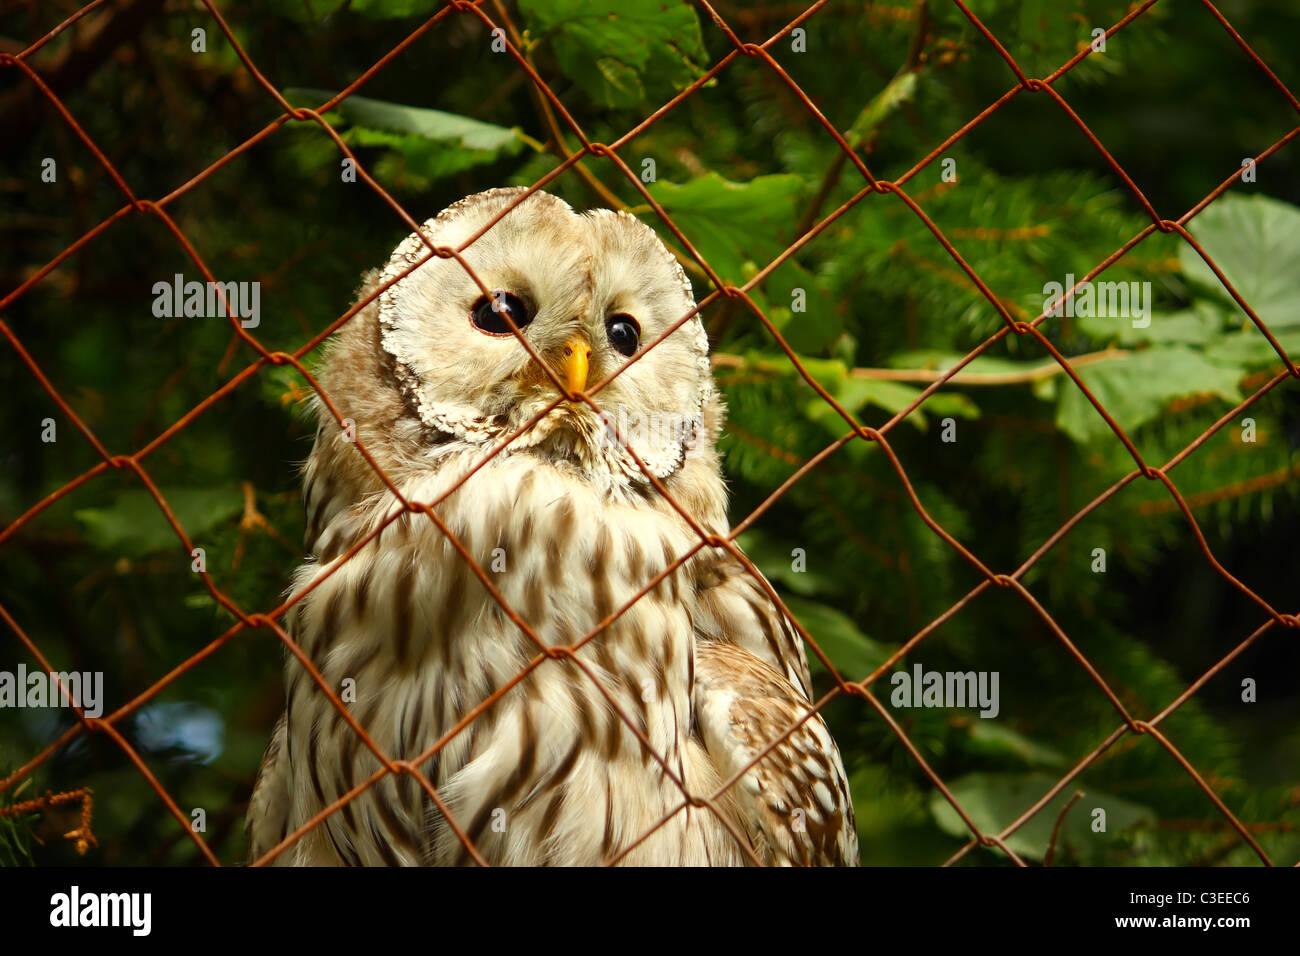 Eine Eule in einem Käfig im Zoo Blick durch das Drahtgeflecht ...